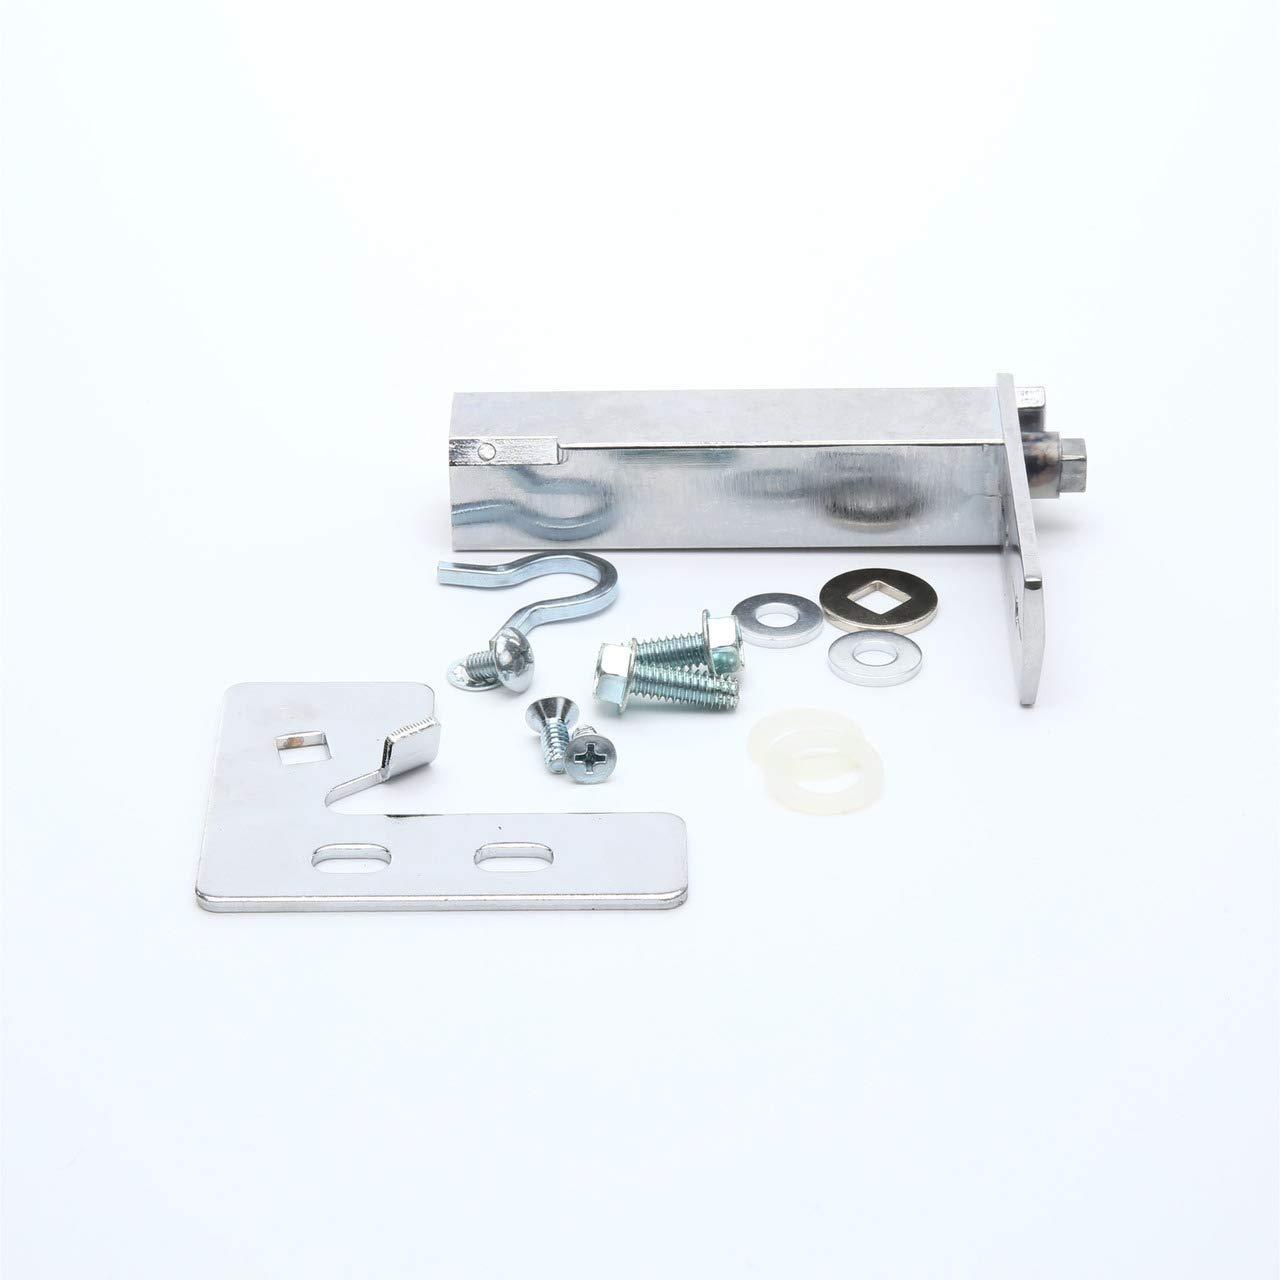 Generic True 870838 Equivalent Door Top Left Hand Hinge Cartridge Kit (Top Left Hand)